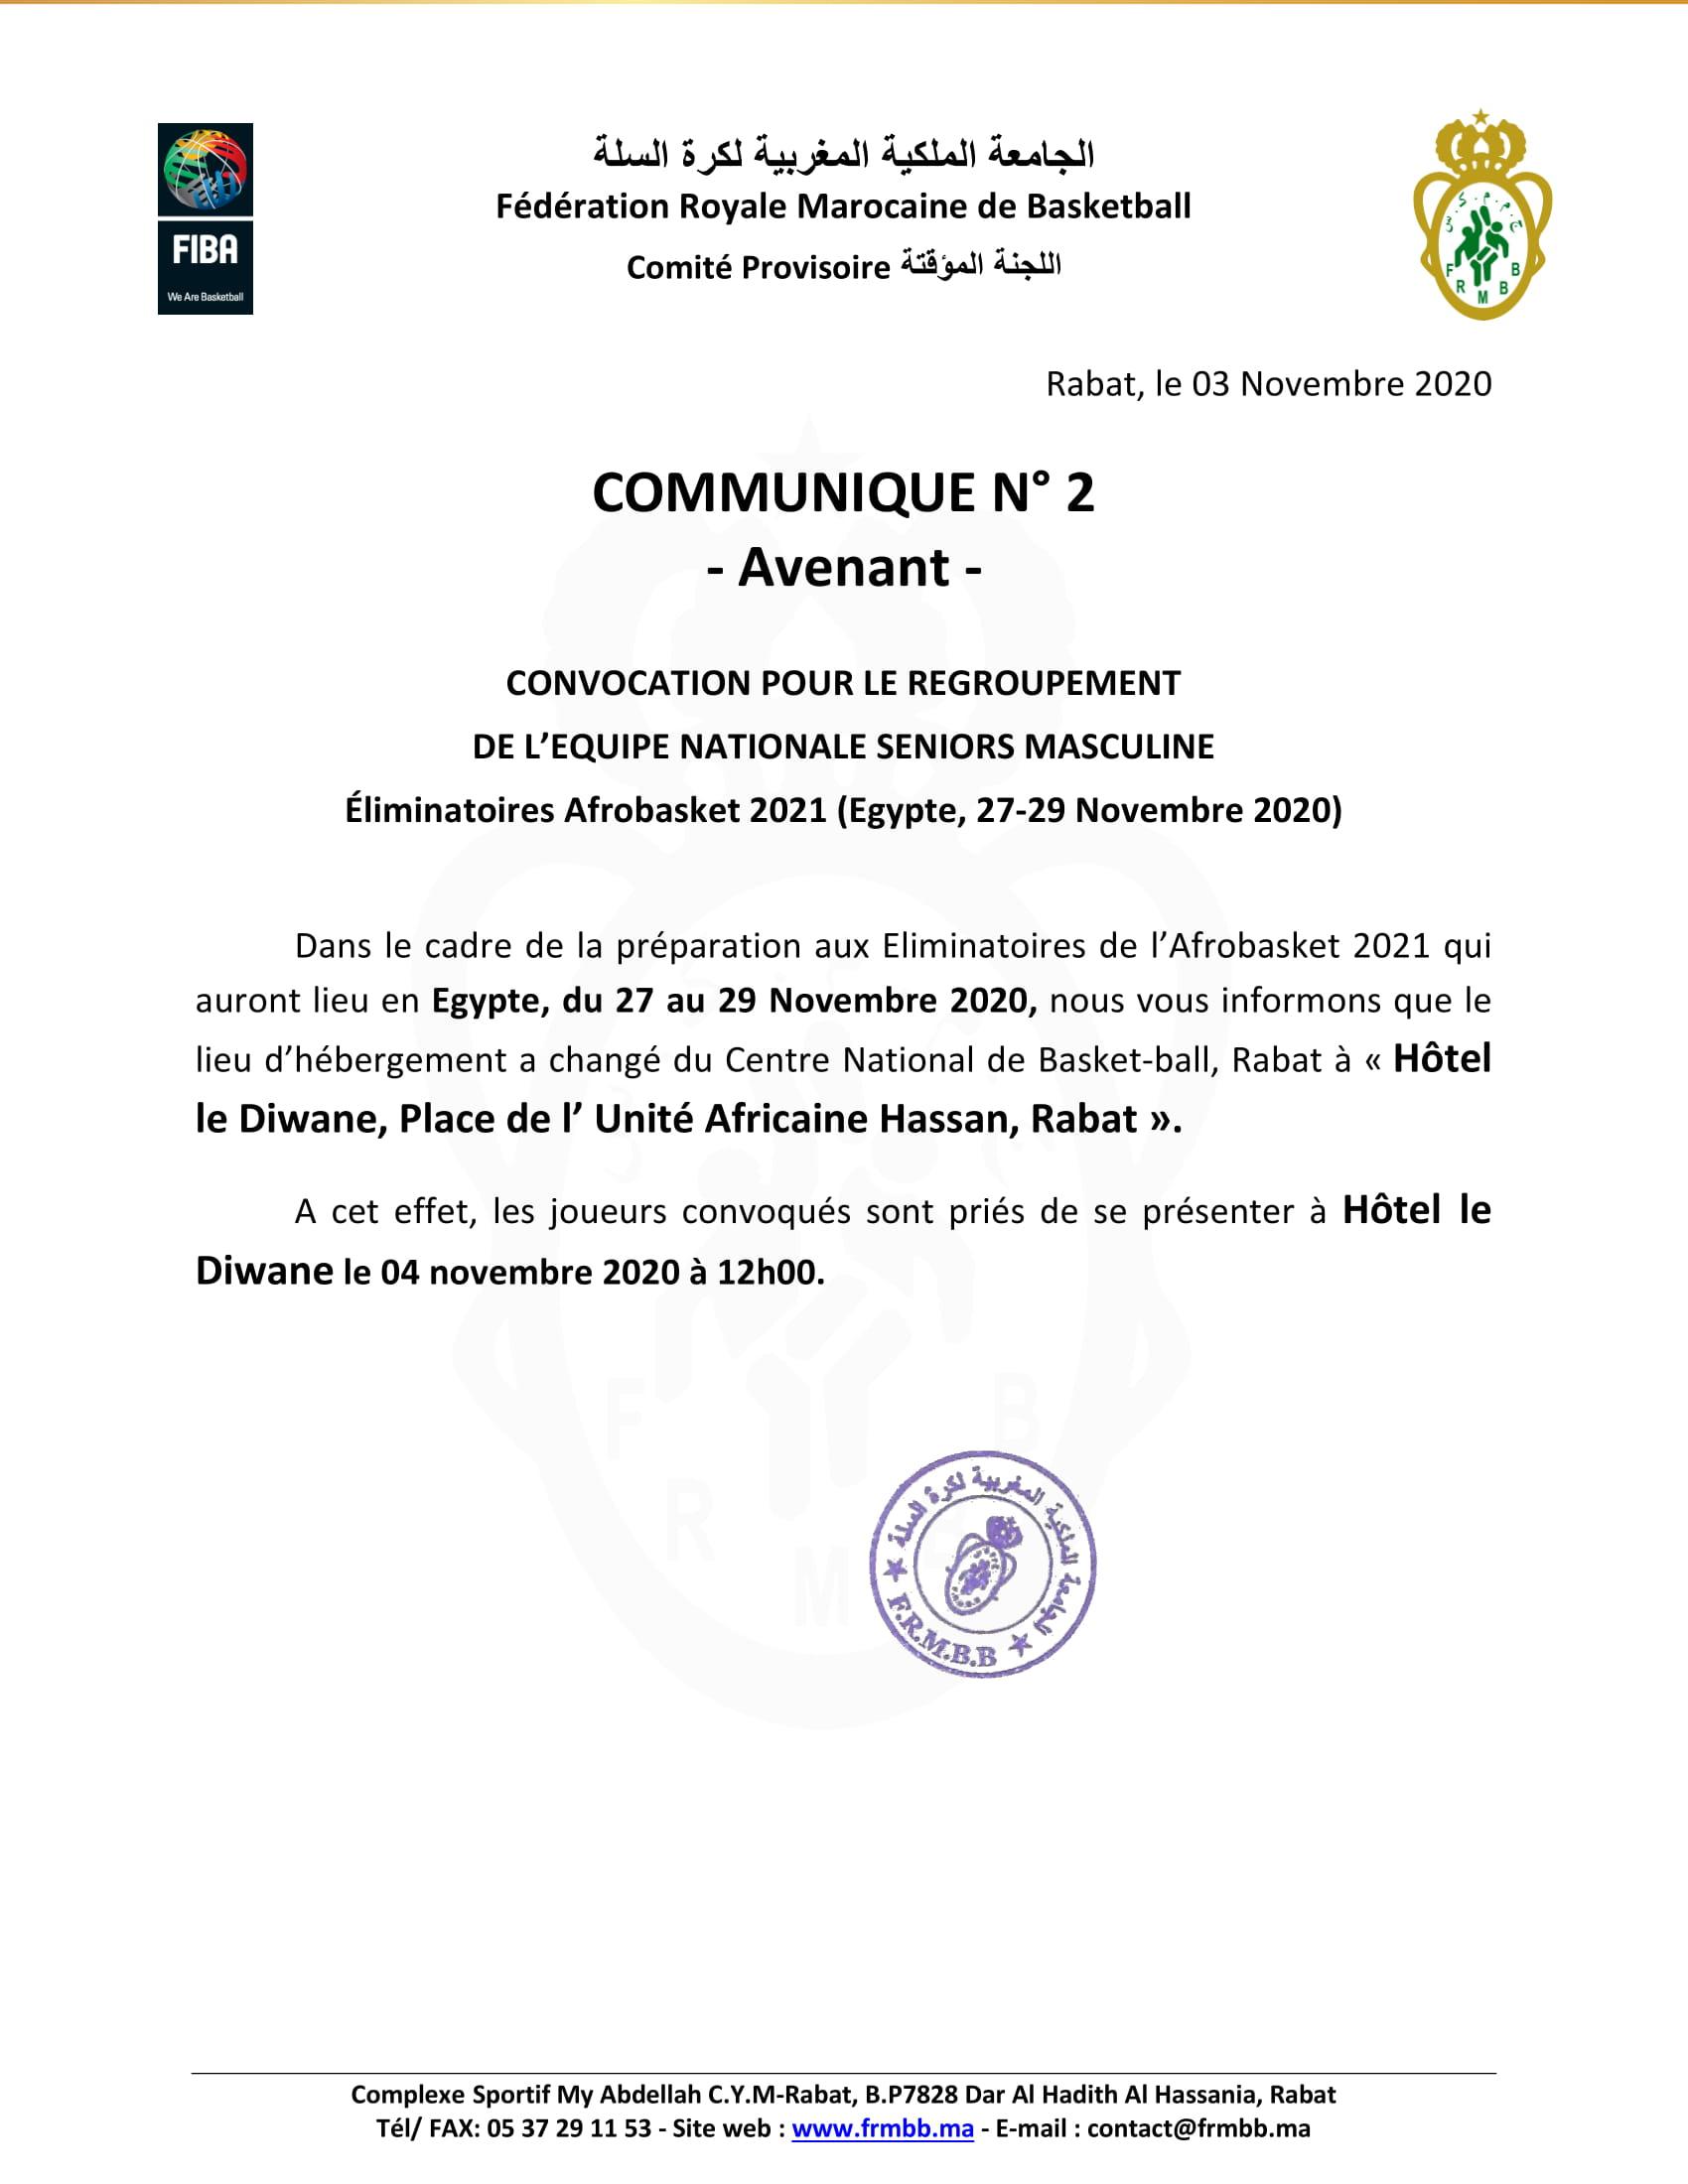 Avenant au COMMUNIQUE N° 2 (stage de préparation ENSM, Afrobasket Egypte Novembre 2020) 1-1